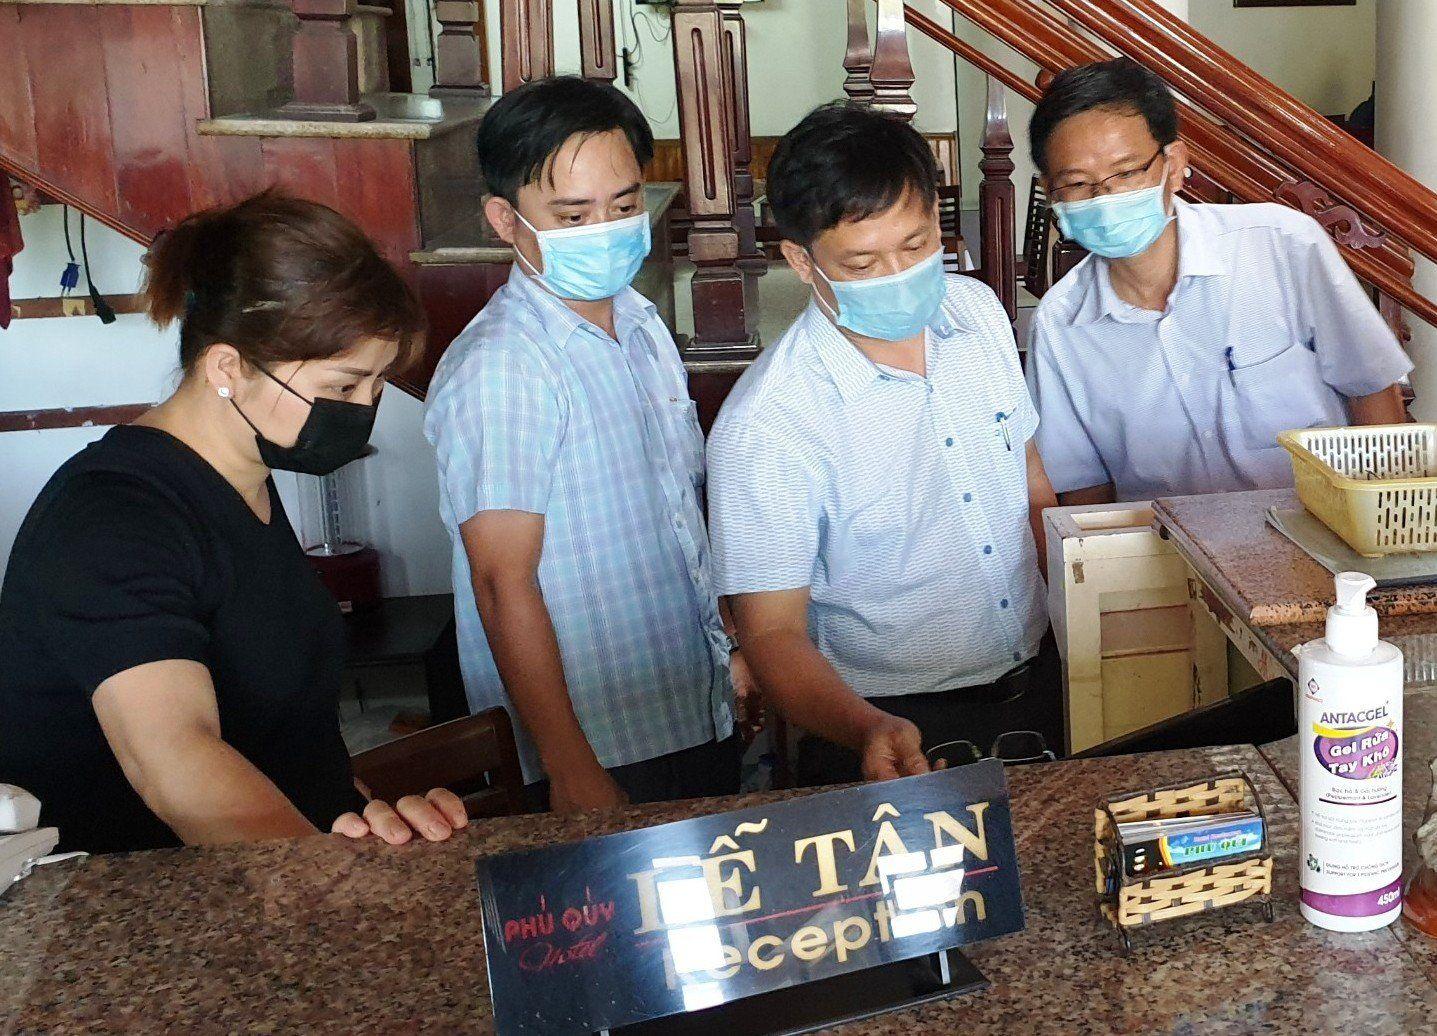 Phó Chủ tịch UBND tỉnh Thừa Thiên Huế Nguyễn Thanh Bình kiểm tra việc khai báo y tế tại khách sạn Phú Quý ở thị trấn Lăng Cô, huyện Phú Lộc.